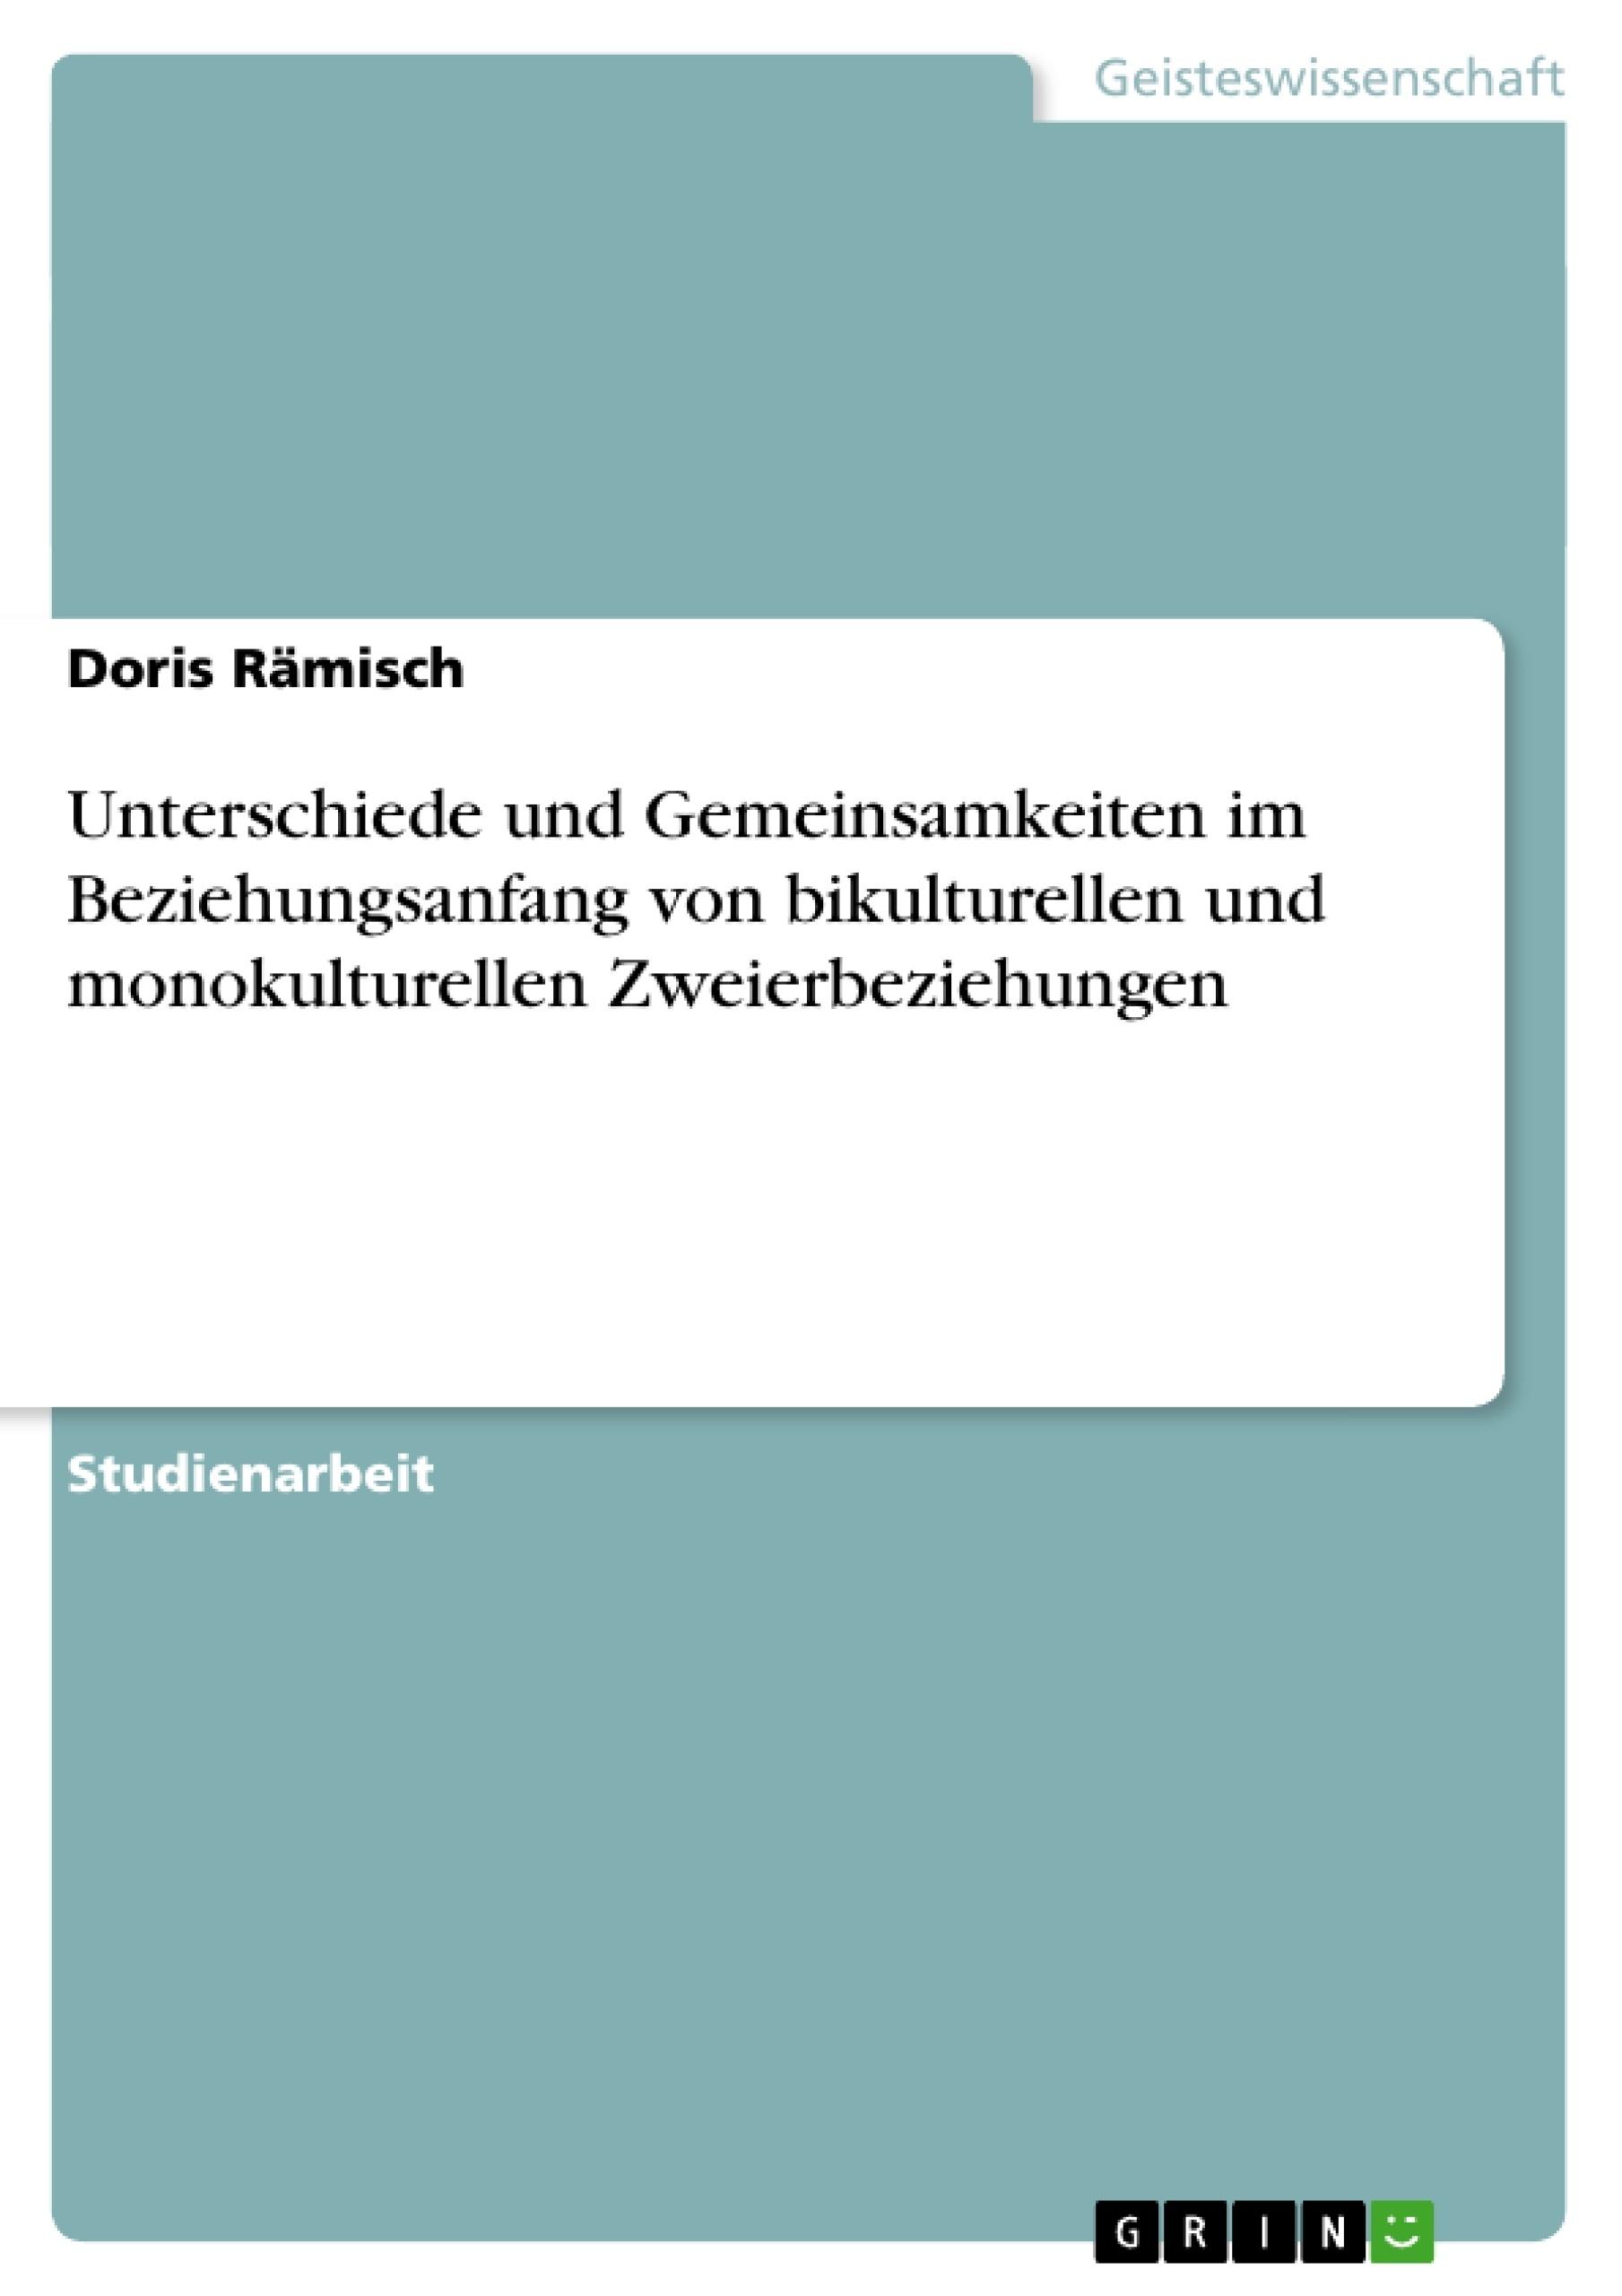 Titel: Unterschiede und Gemeinsamkeiten im Beziehungsanfang von bikulturellen und monokulturellen Zweierbeziehungen